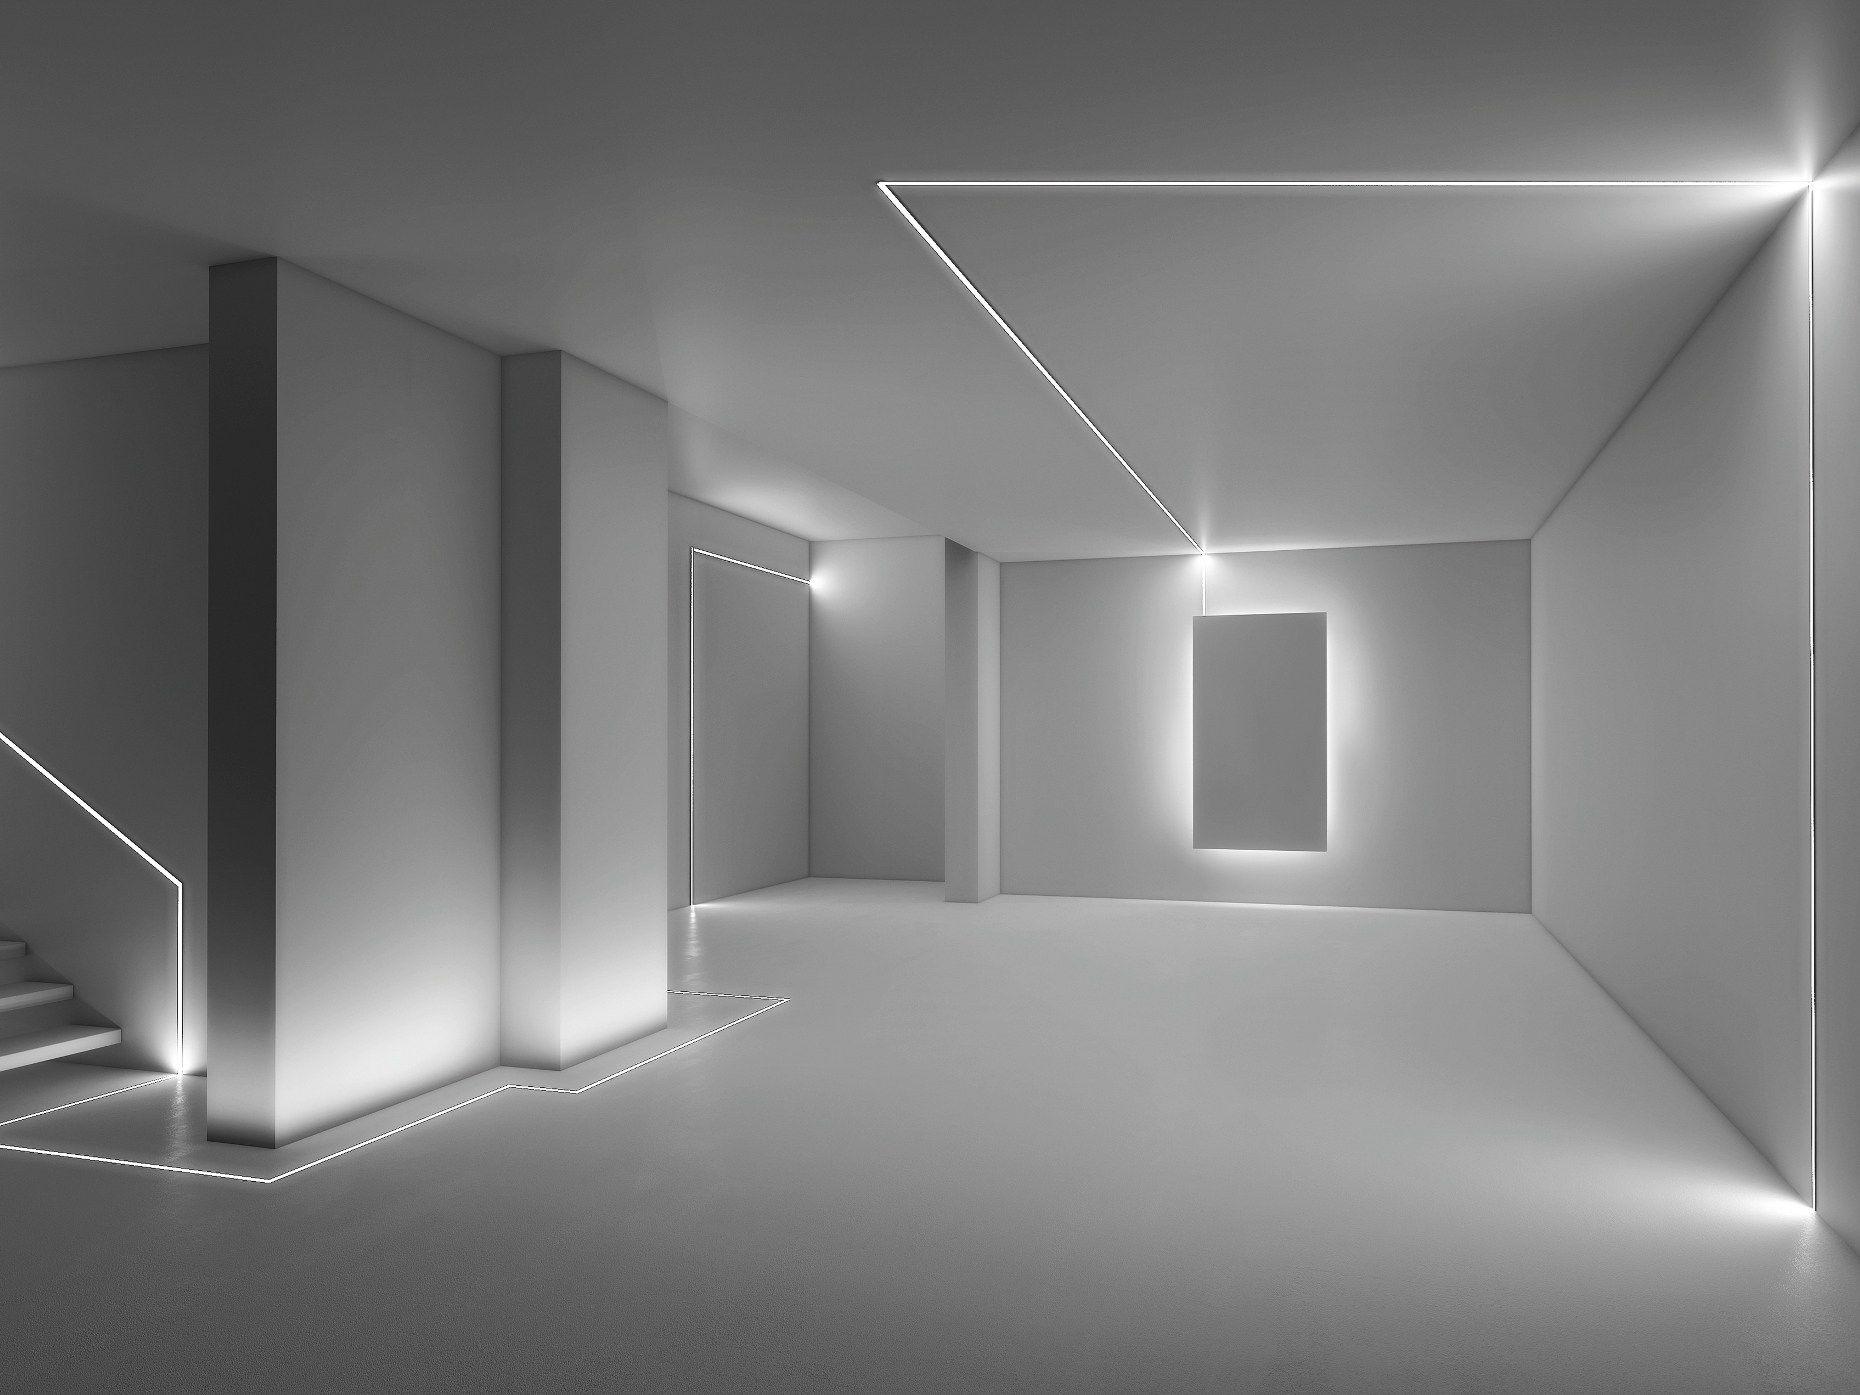 Microfile profilo per illuminazione lineare by lucifero 39 s - Esempi di illuminazione a led per interni ...